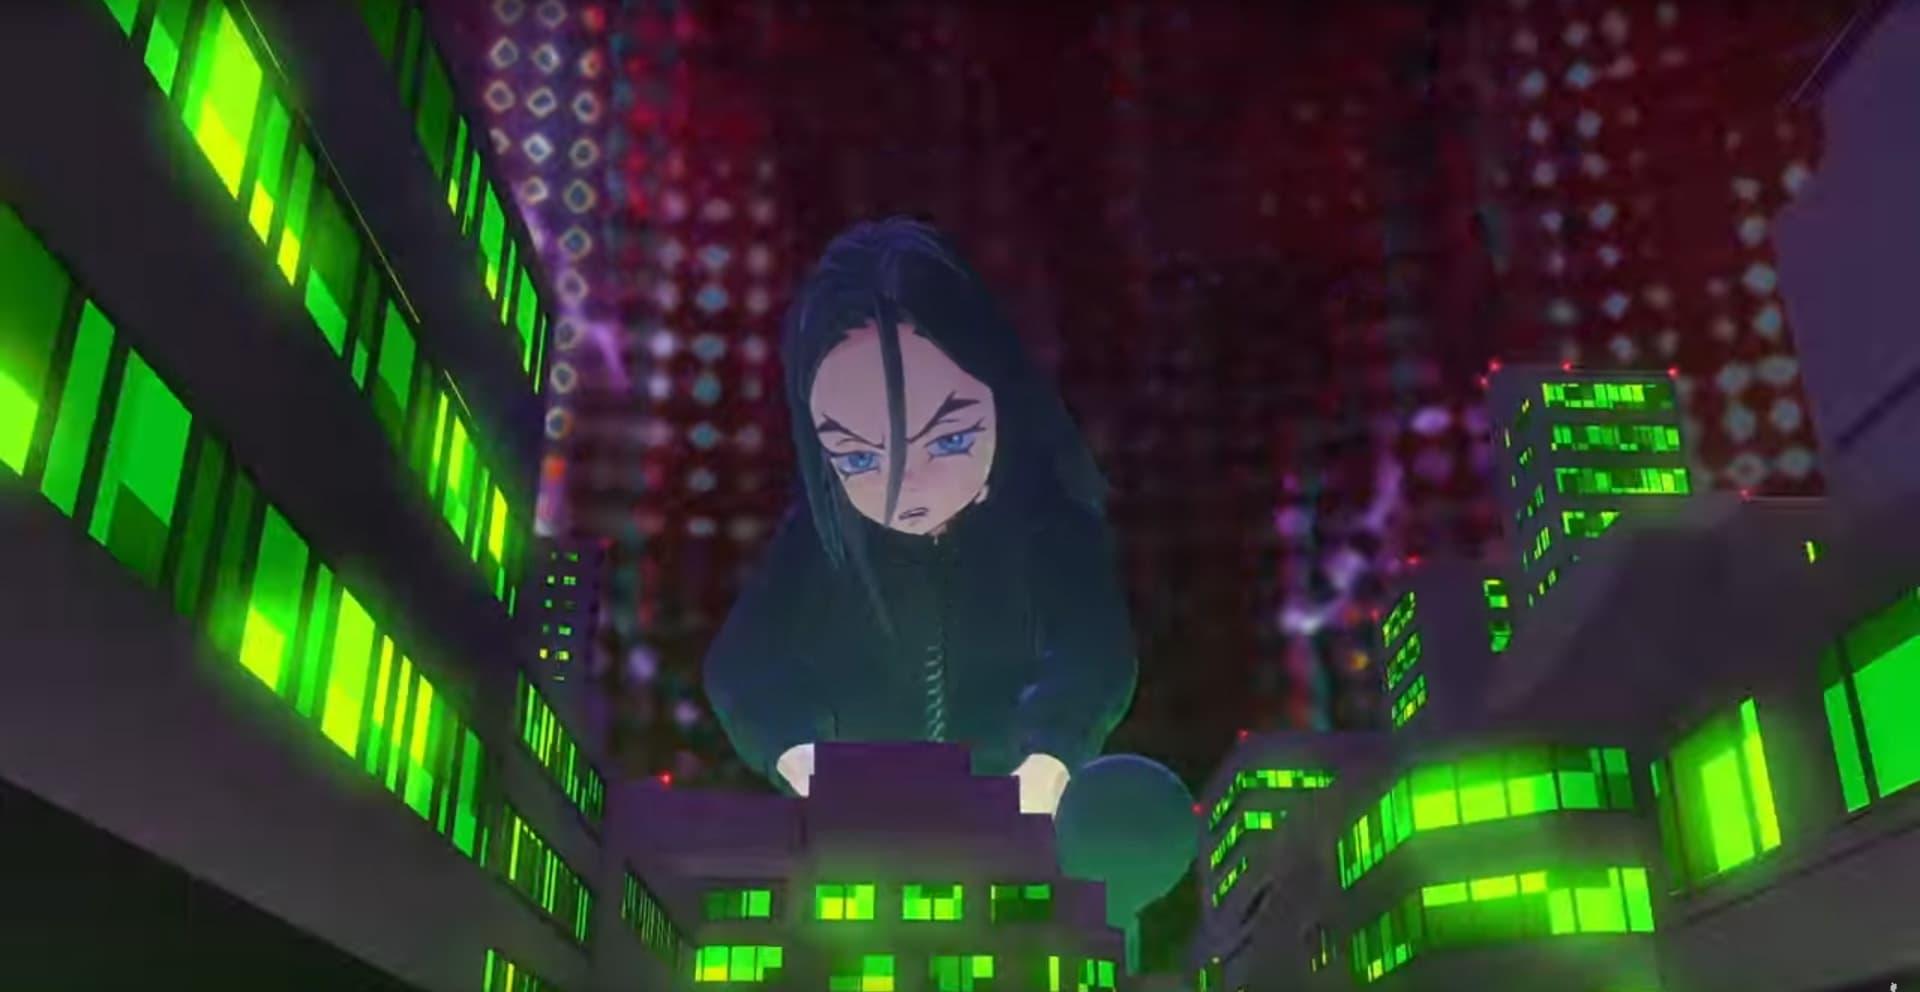 村上隆+ビリー・アイリッシュの注目コラボレーション。新作ミュージックビデオが公開